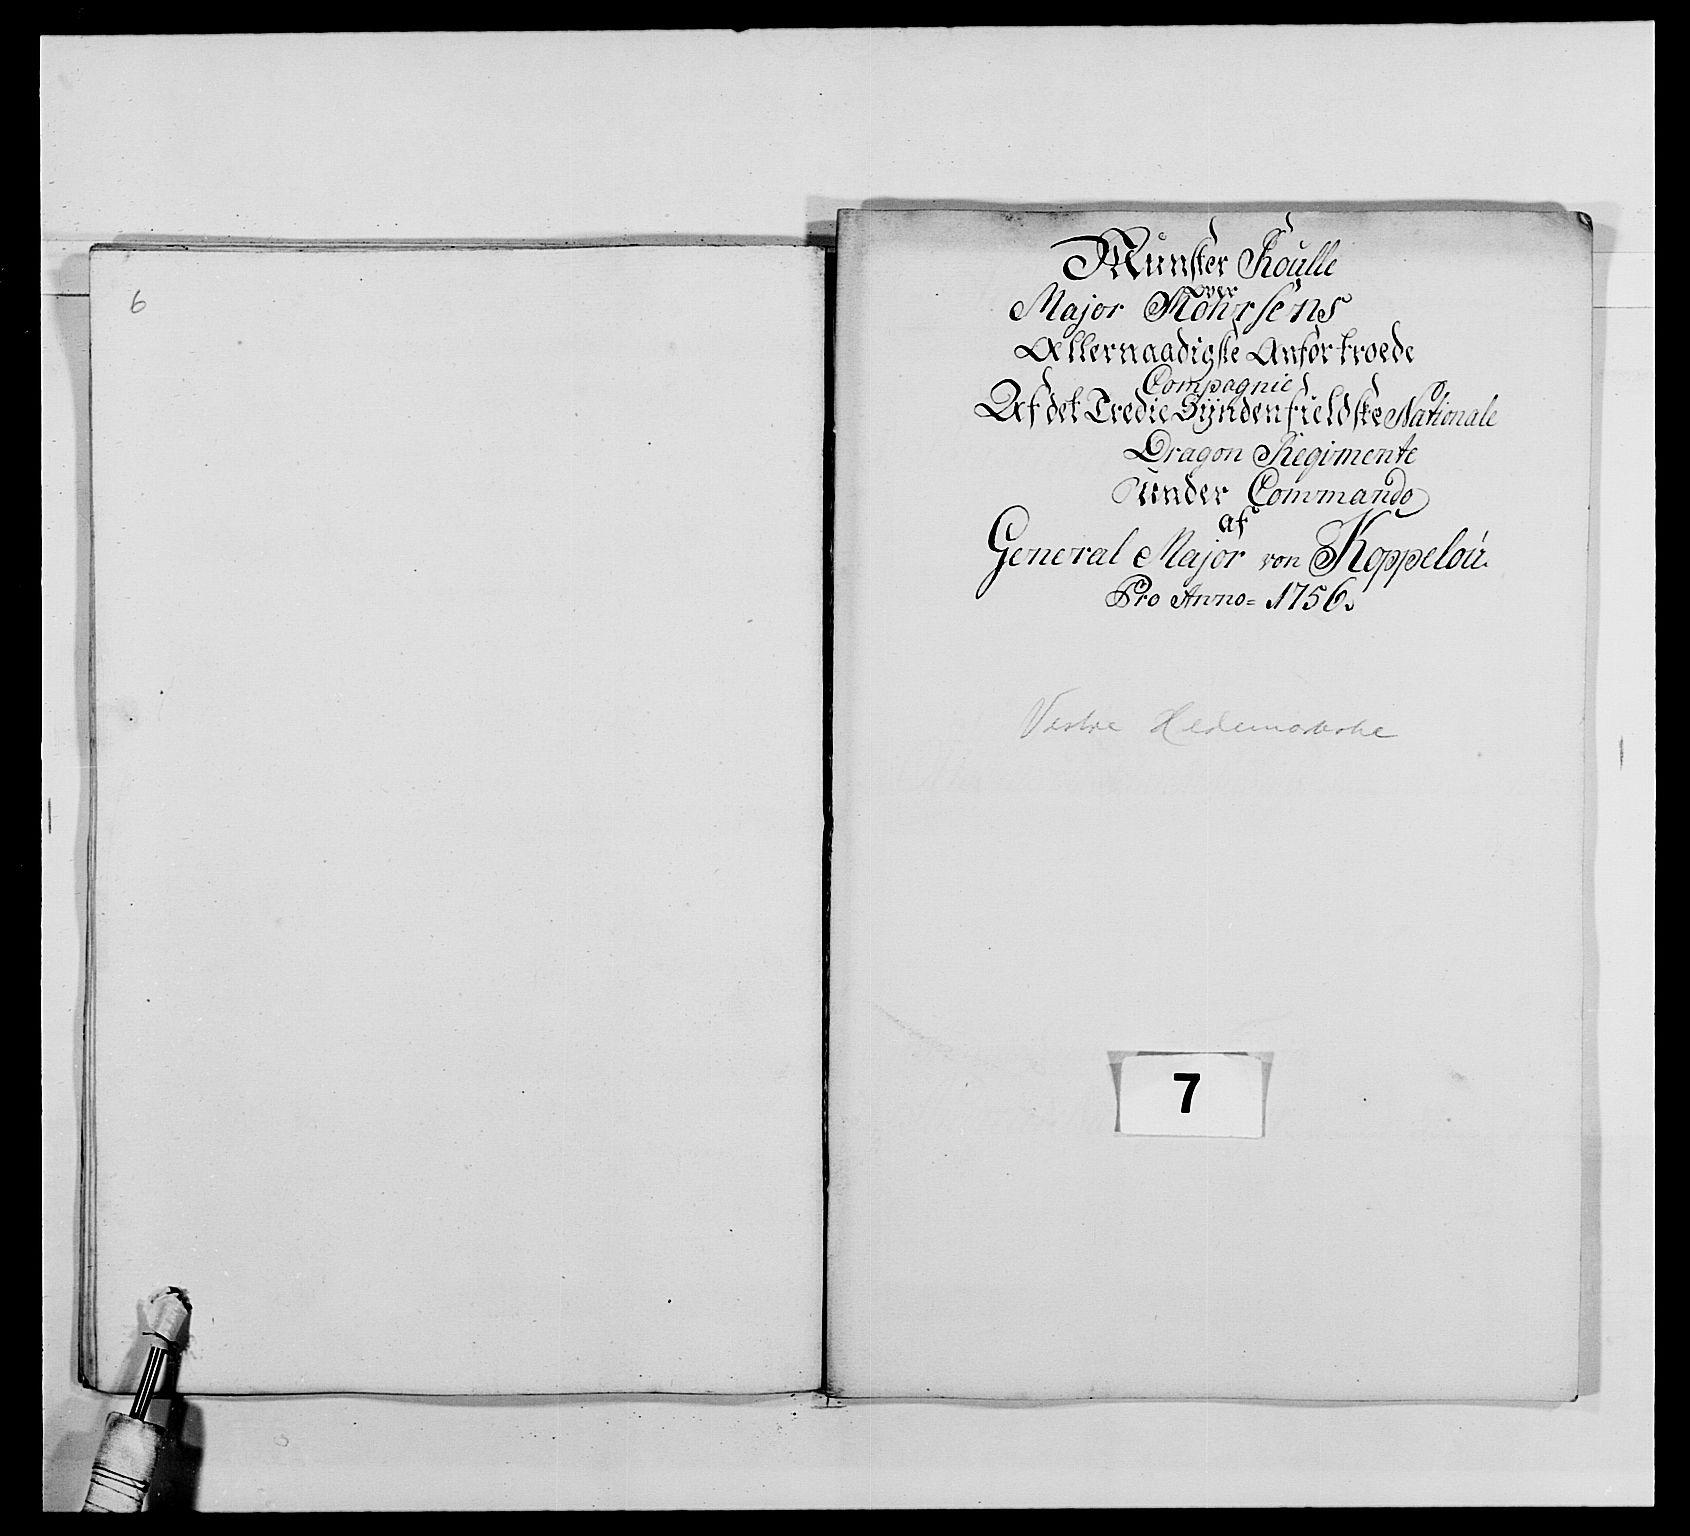 RA, Kommanderende general (KG I) med Det norske krigsdirektorium, E/Ea/L0479: 3. Sønnafjelske dragonregiment, 1756-1760, s. 121